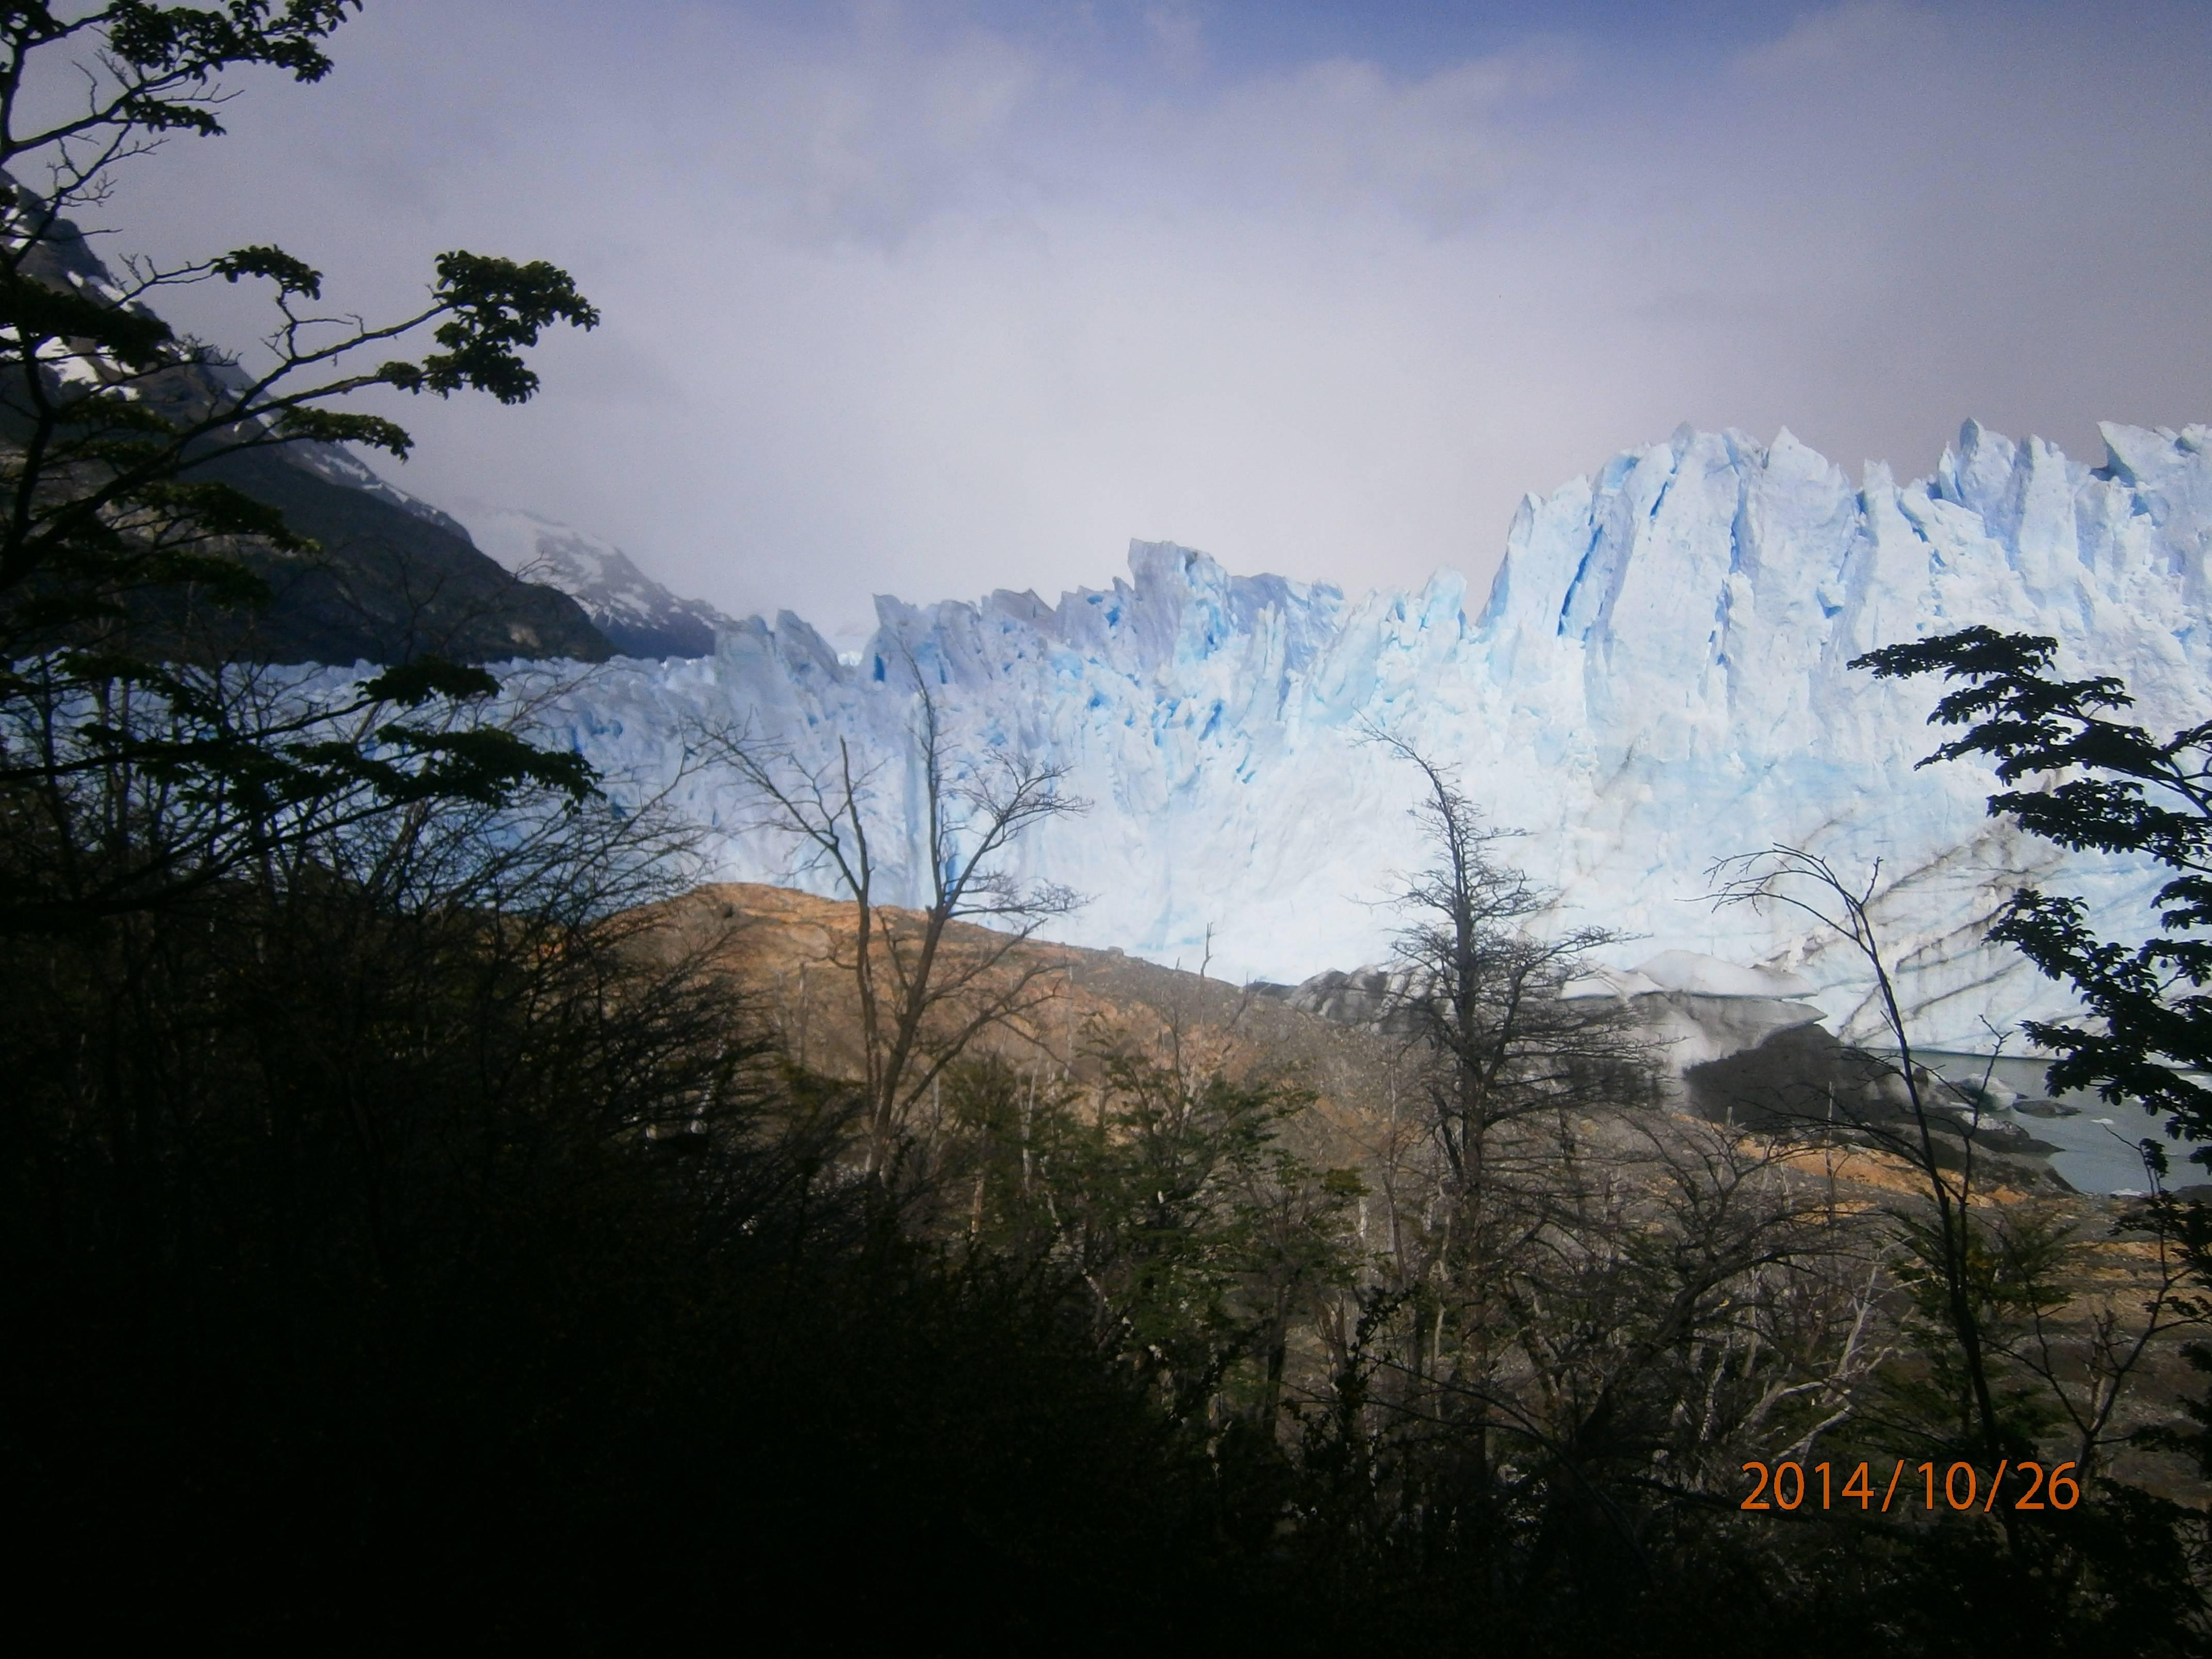 Photo 1: El calafate, glacier Perito Moreno, Sud de l'Argentine